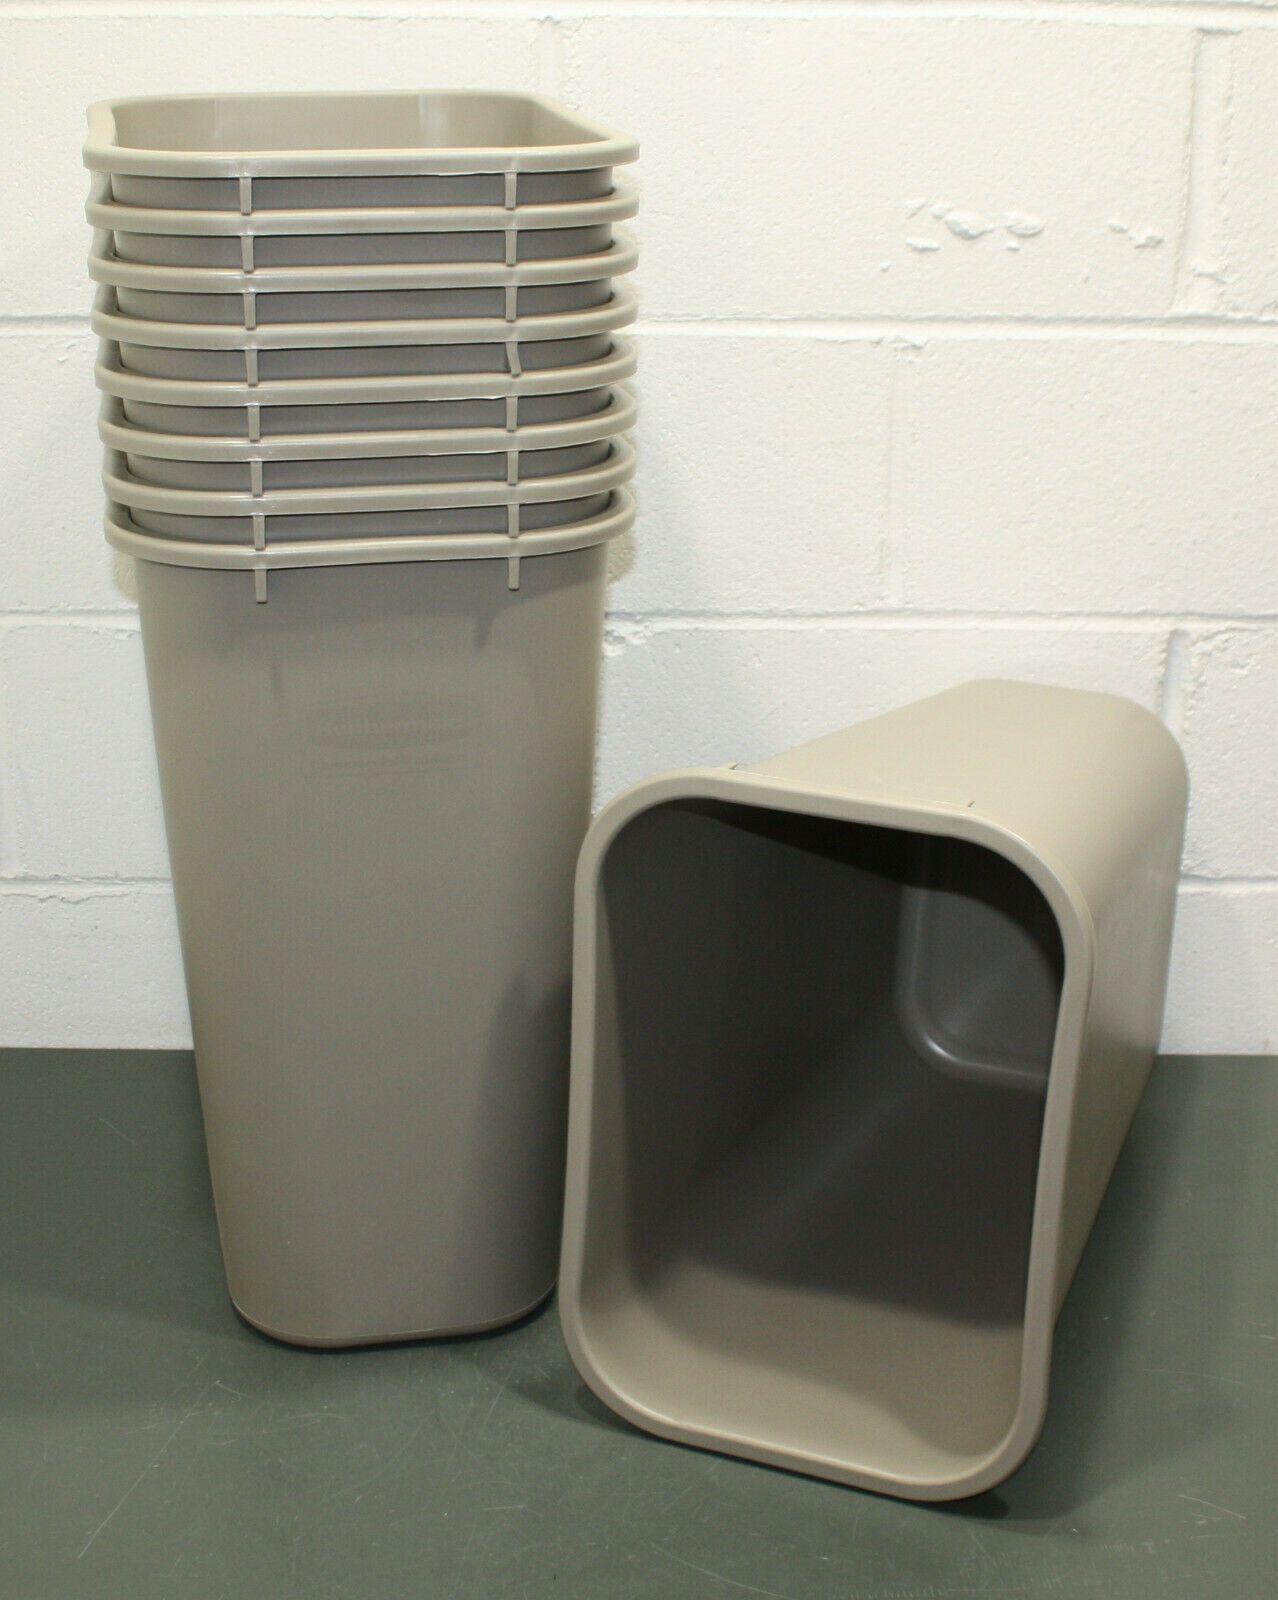 9 Rubbermaid 10 Gallon Trash Can 2957 Deskside Wastebasket Beige Plastic Trash Cans Ideas Of Trash Cans Trashcans With Images Waste Basket